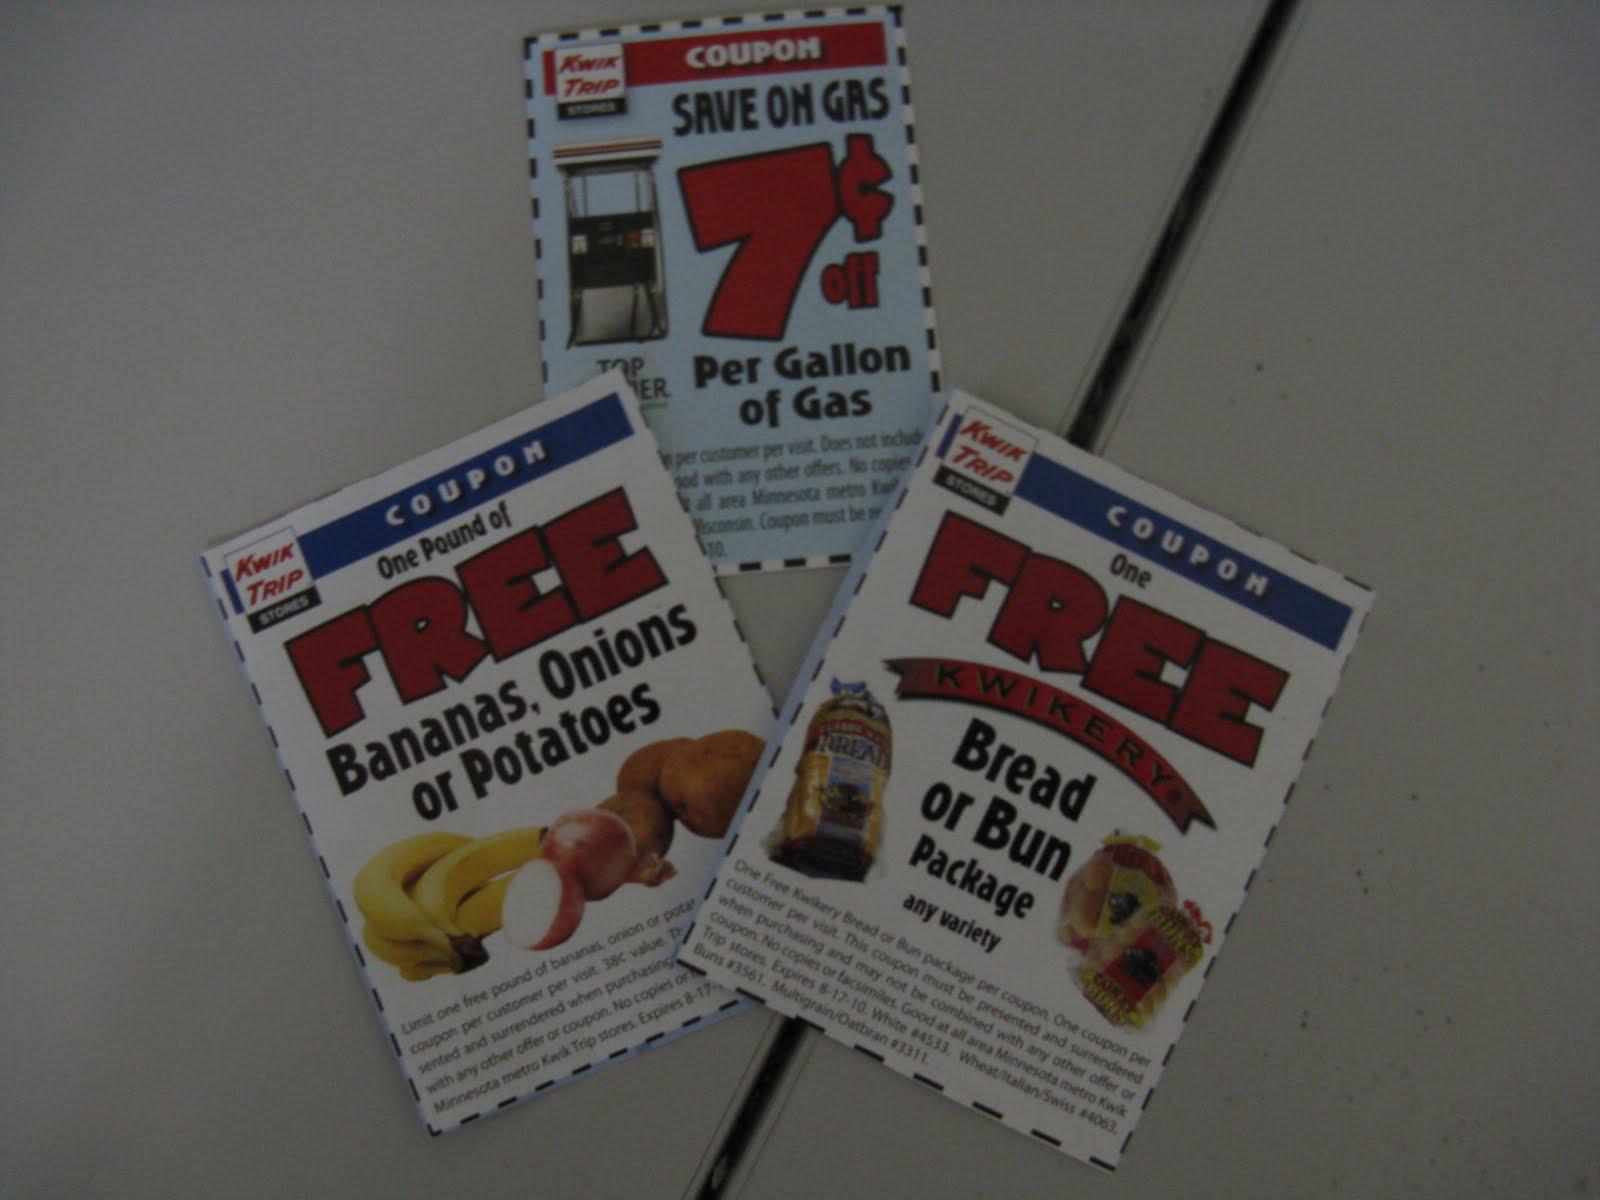 Kwik trip gas coupons